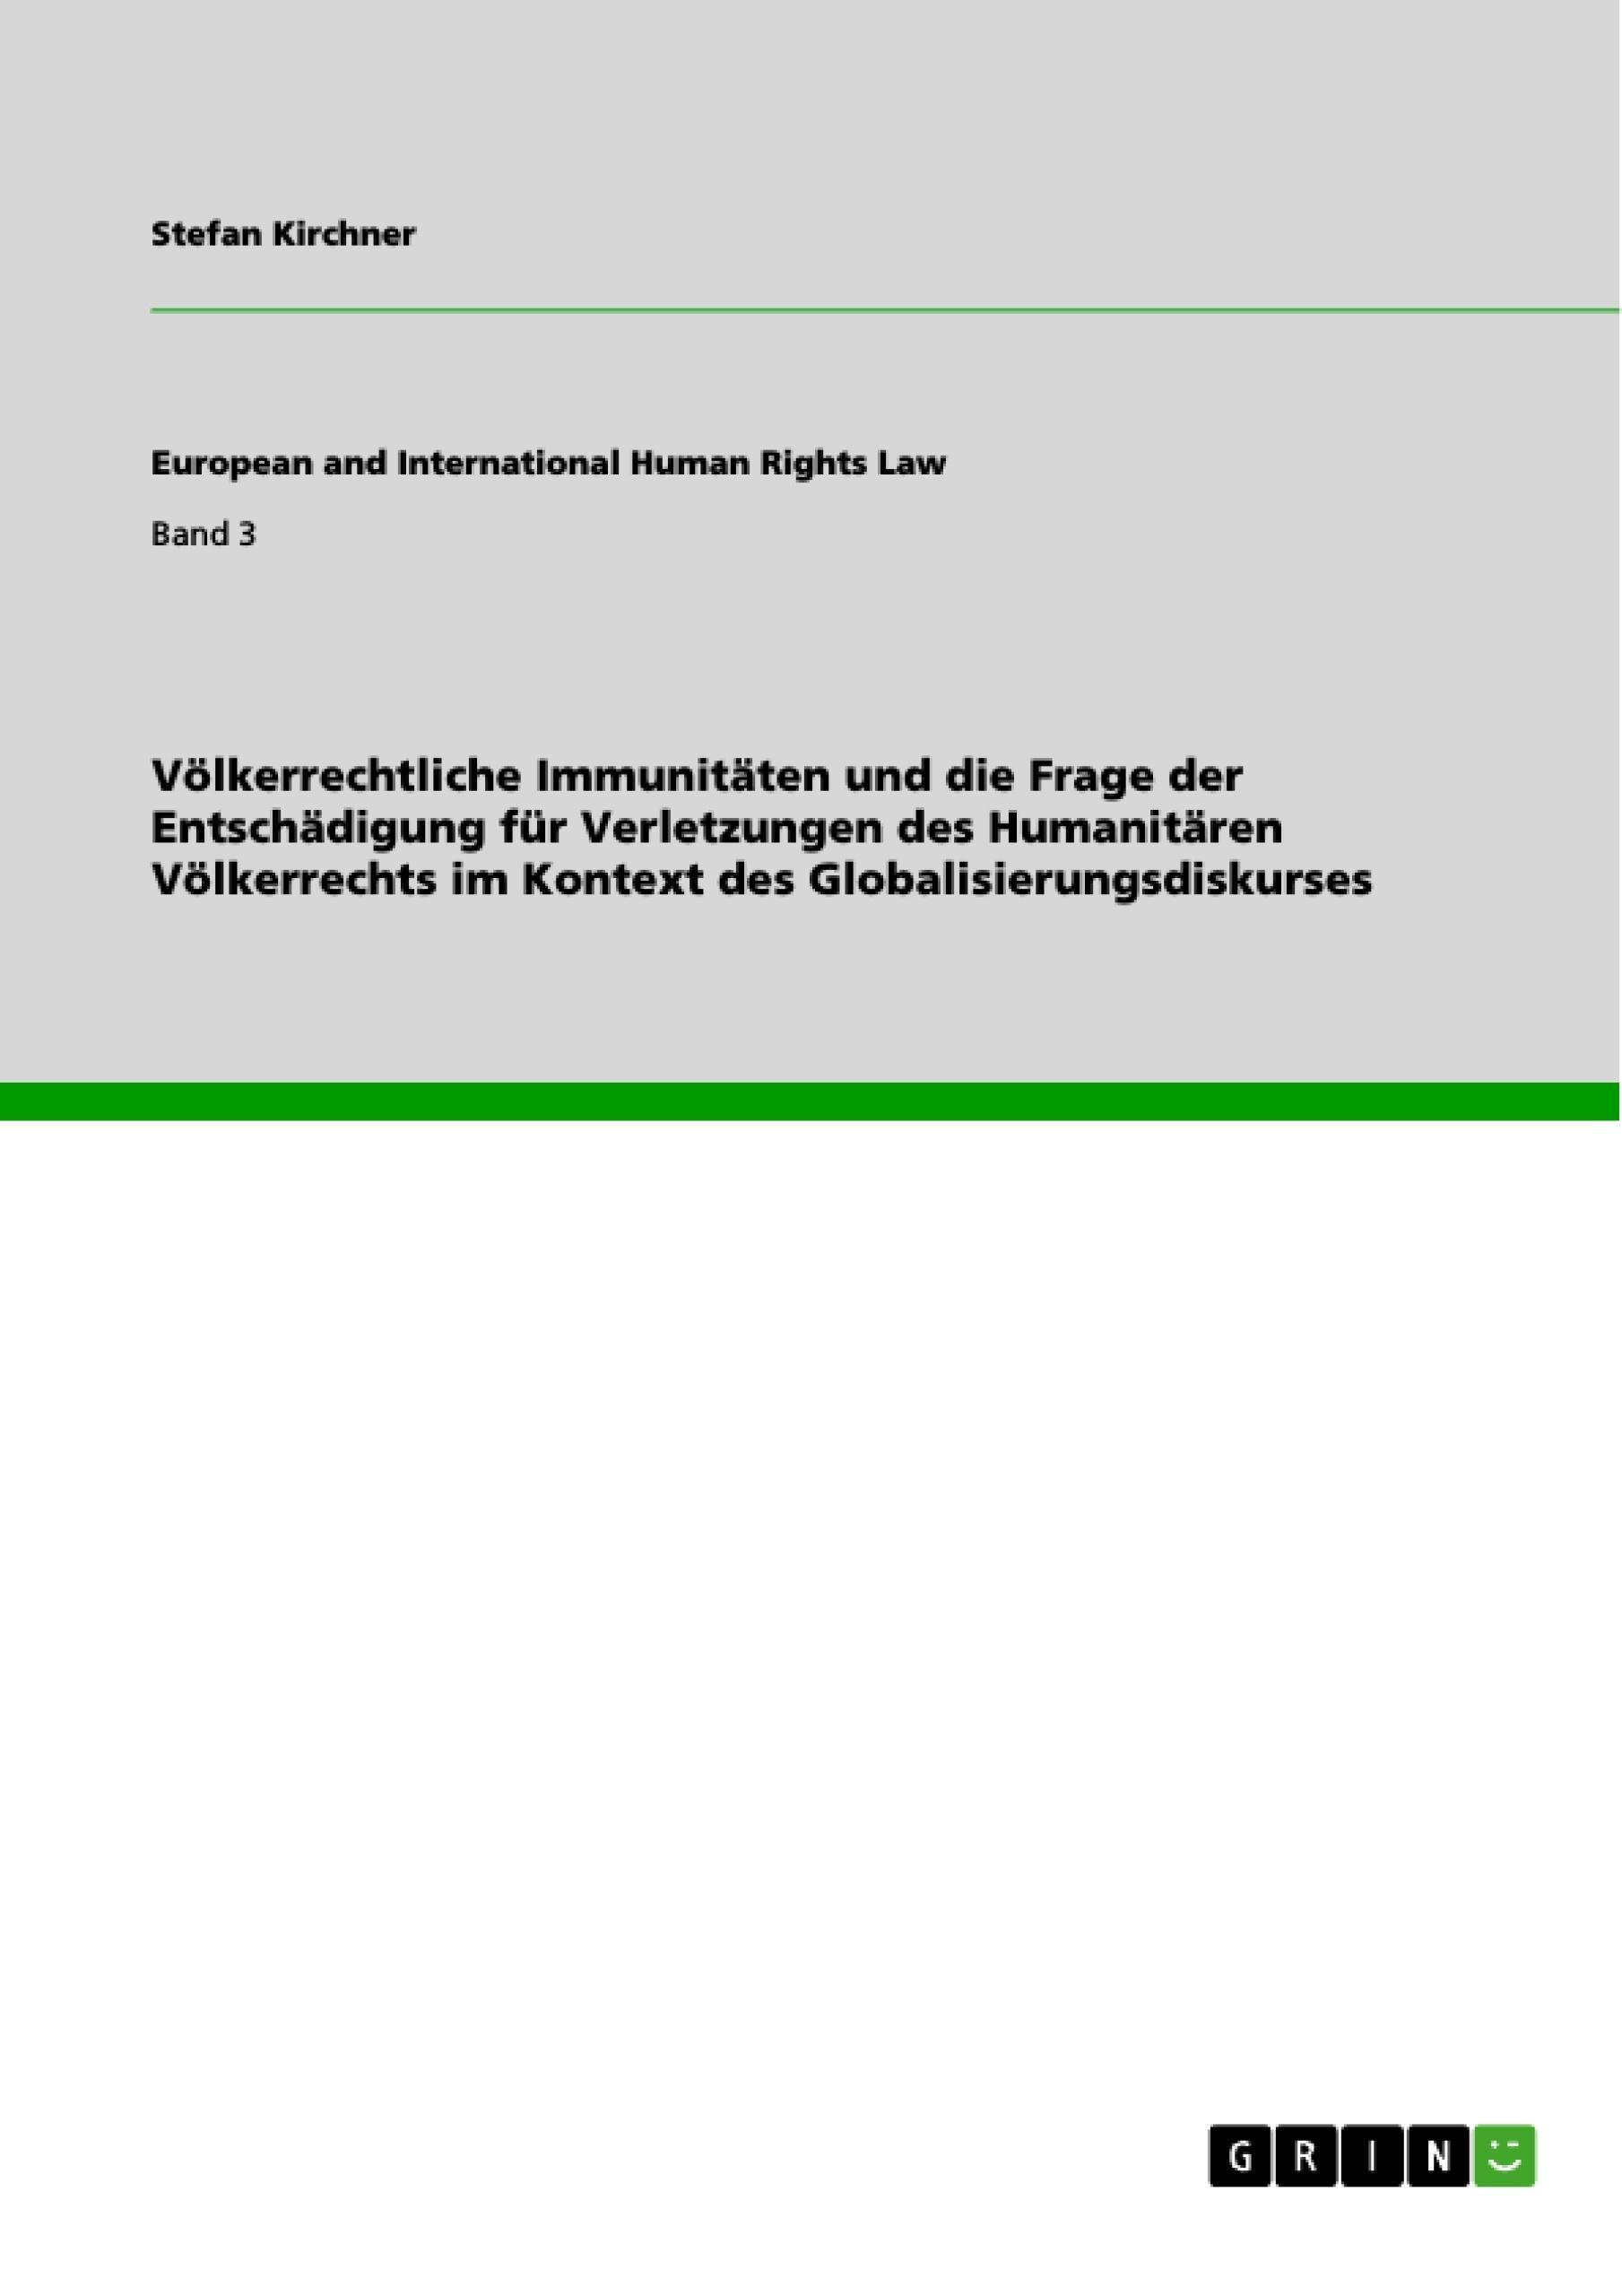 Titel: Völkerrechtliche Immunitäten und die Frage der Entschädigung für Verletzungen des Humanitären Völkerrechts im Kontext des Globalisierungsdiskurses